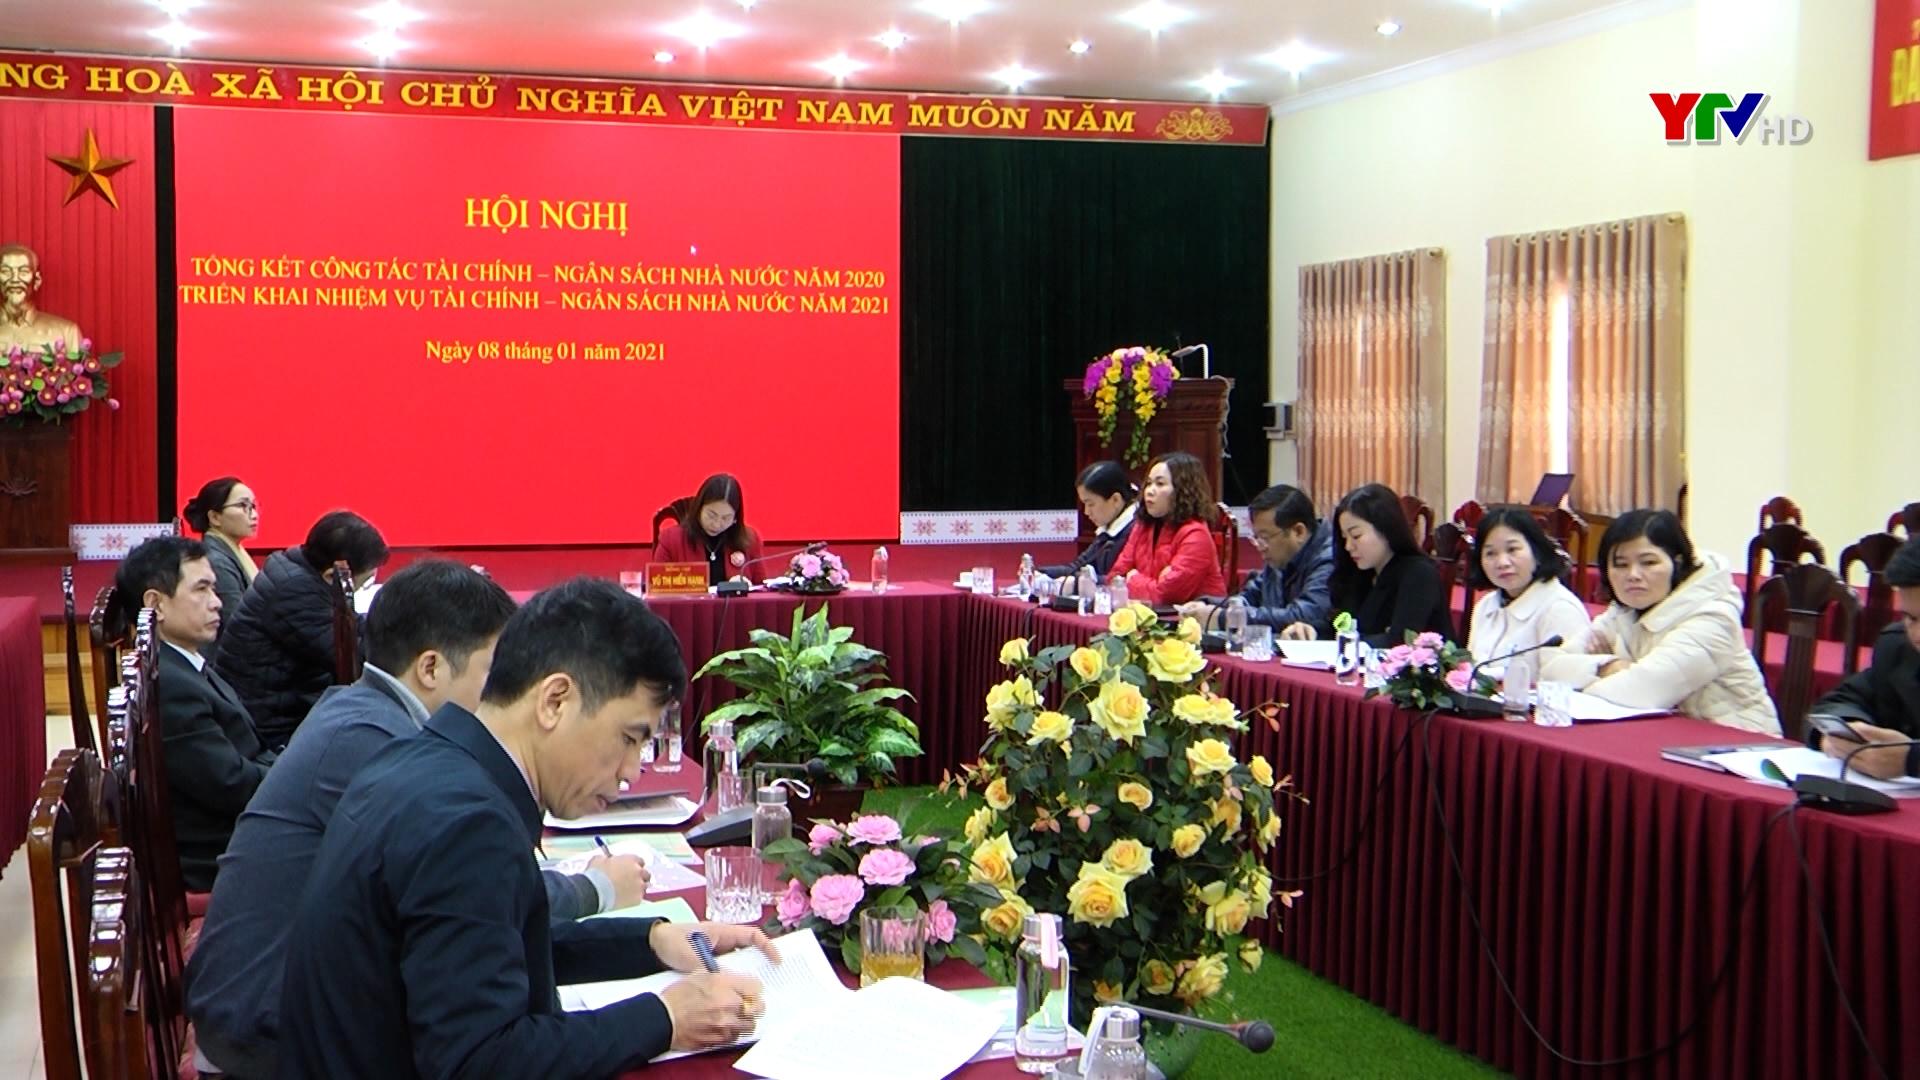 Tỉnh Yên Bái dự Hội nghị trực tuyến toàn quốc đánh giá tình hình thực hiện nhiệm vụ tài chính - ngân sách nhà nước năm 2020